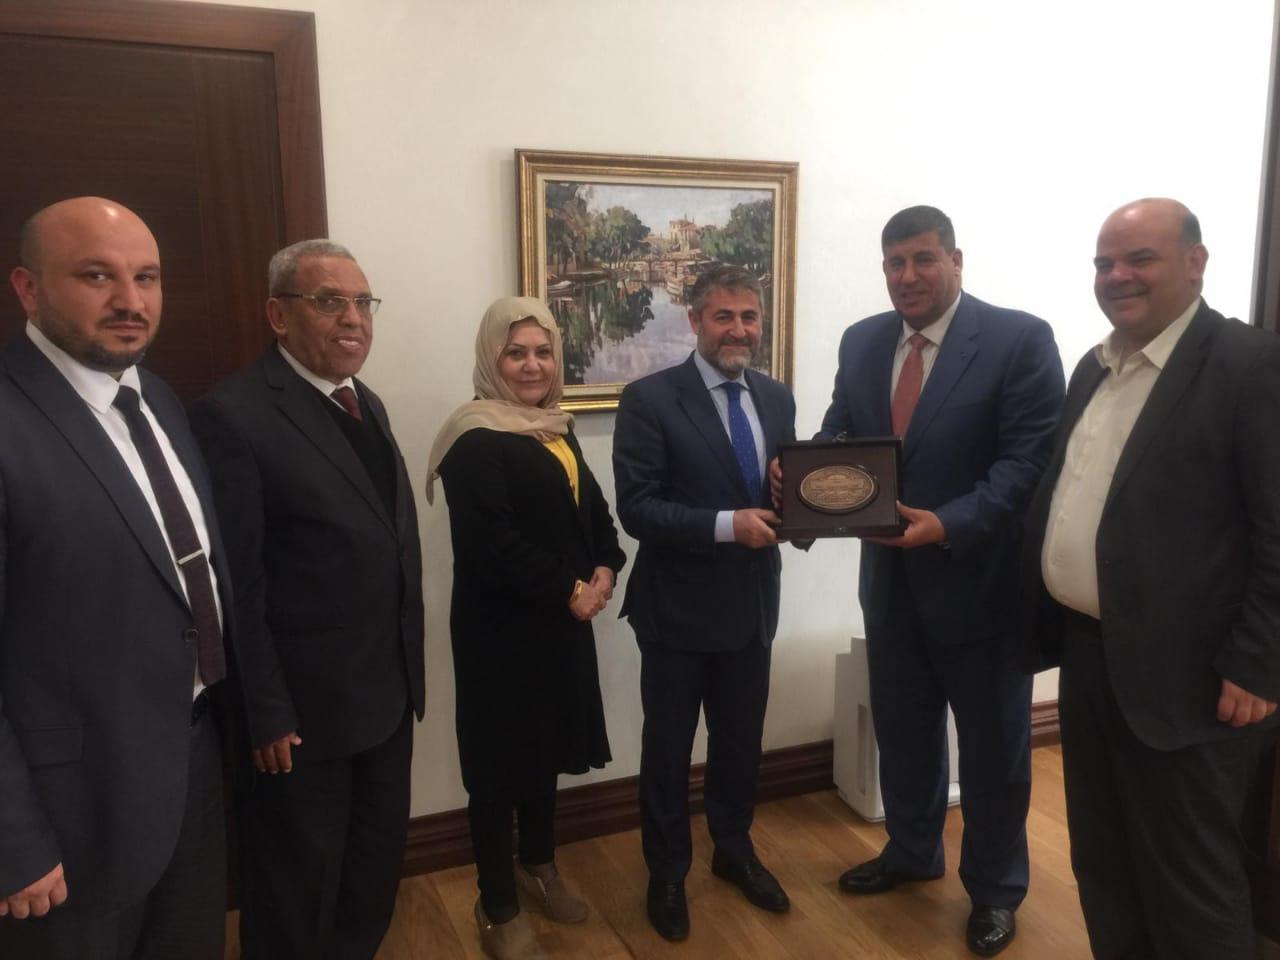 لجنة فلسطين النيابية تلتقي وزير الخزانة التركي و رئيس مبادرة برلمانيون من أجل القدس